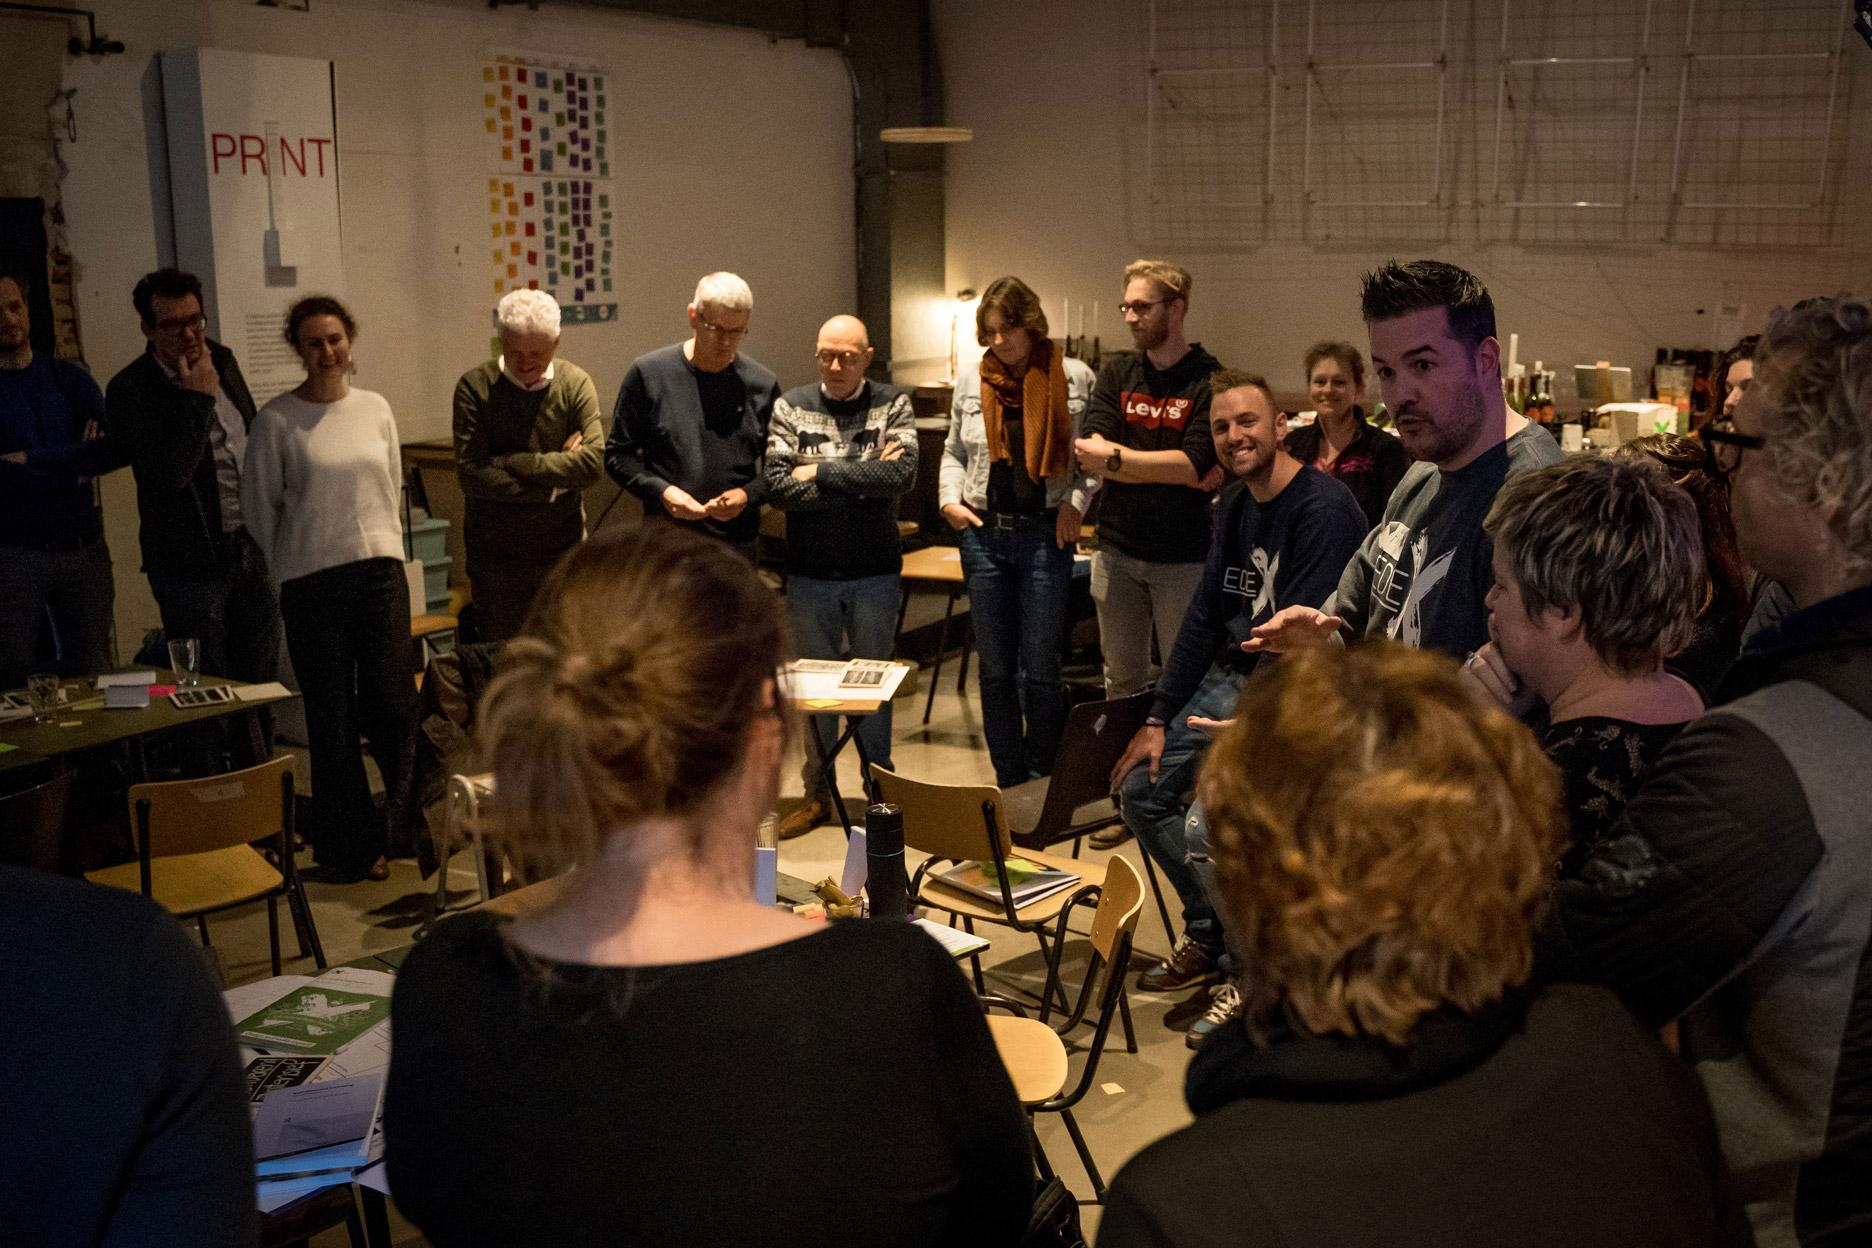 EDEX event - mensen luistern aandachtig naar Jochem Goedhals in een kring